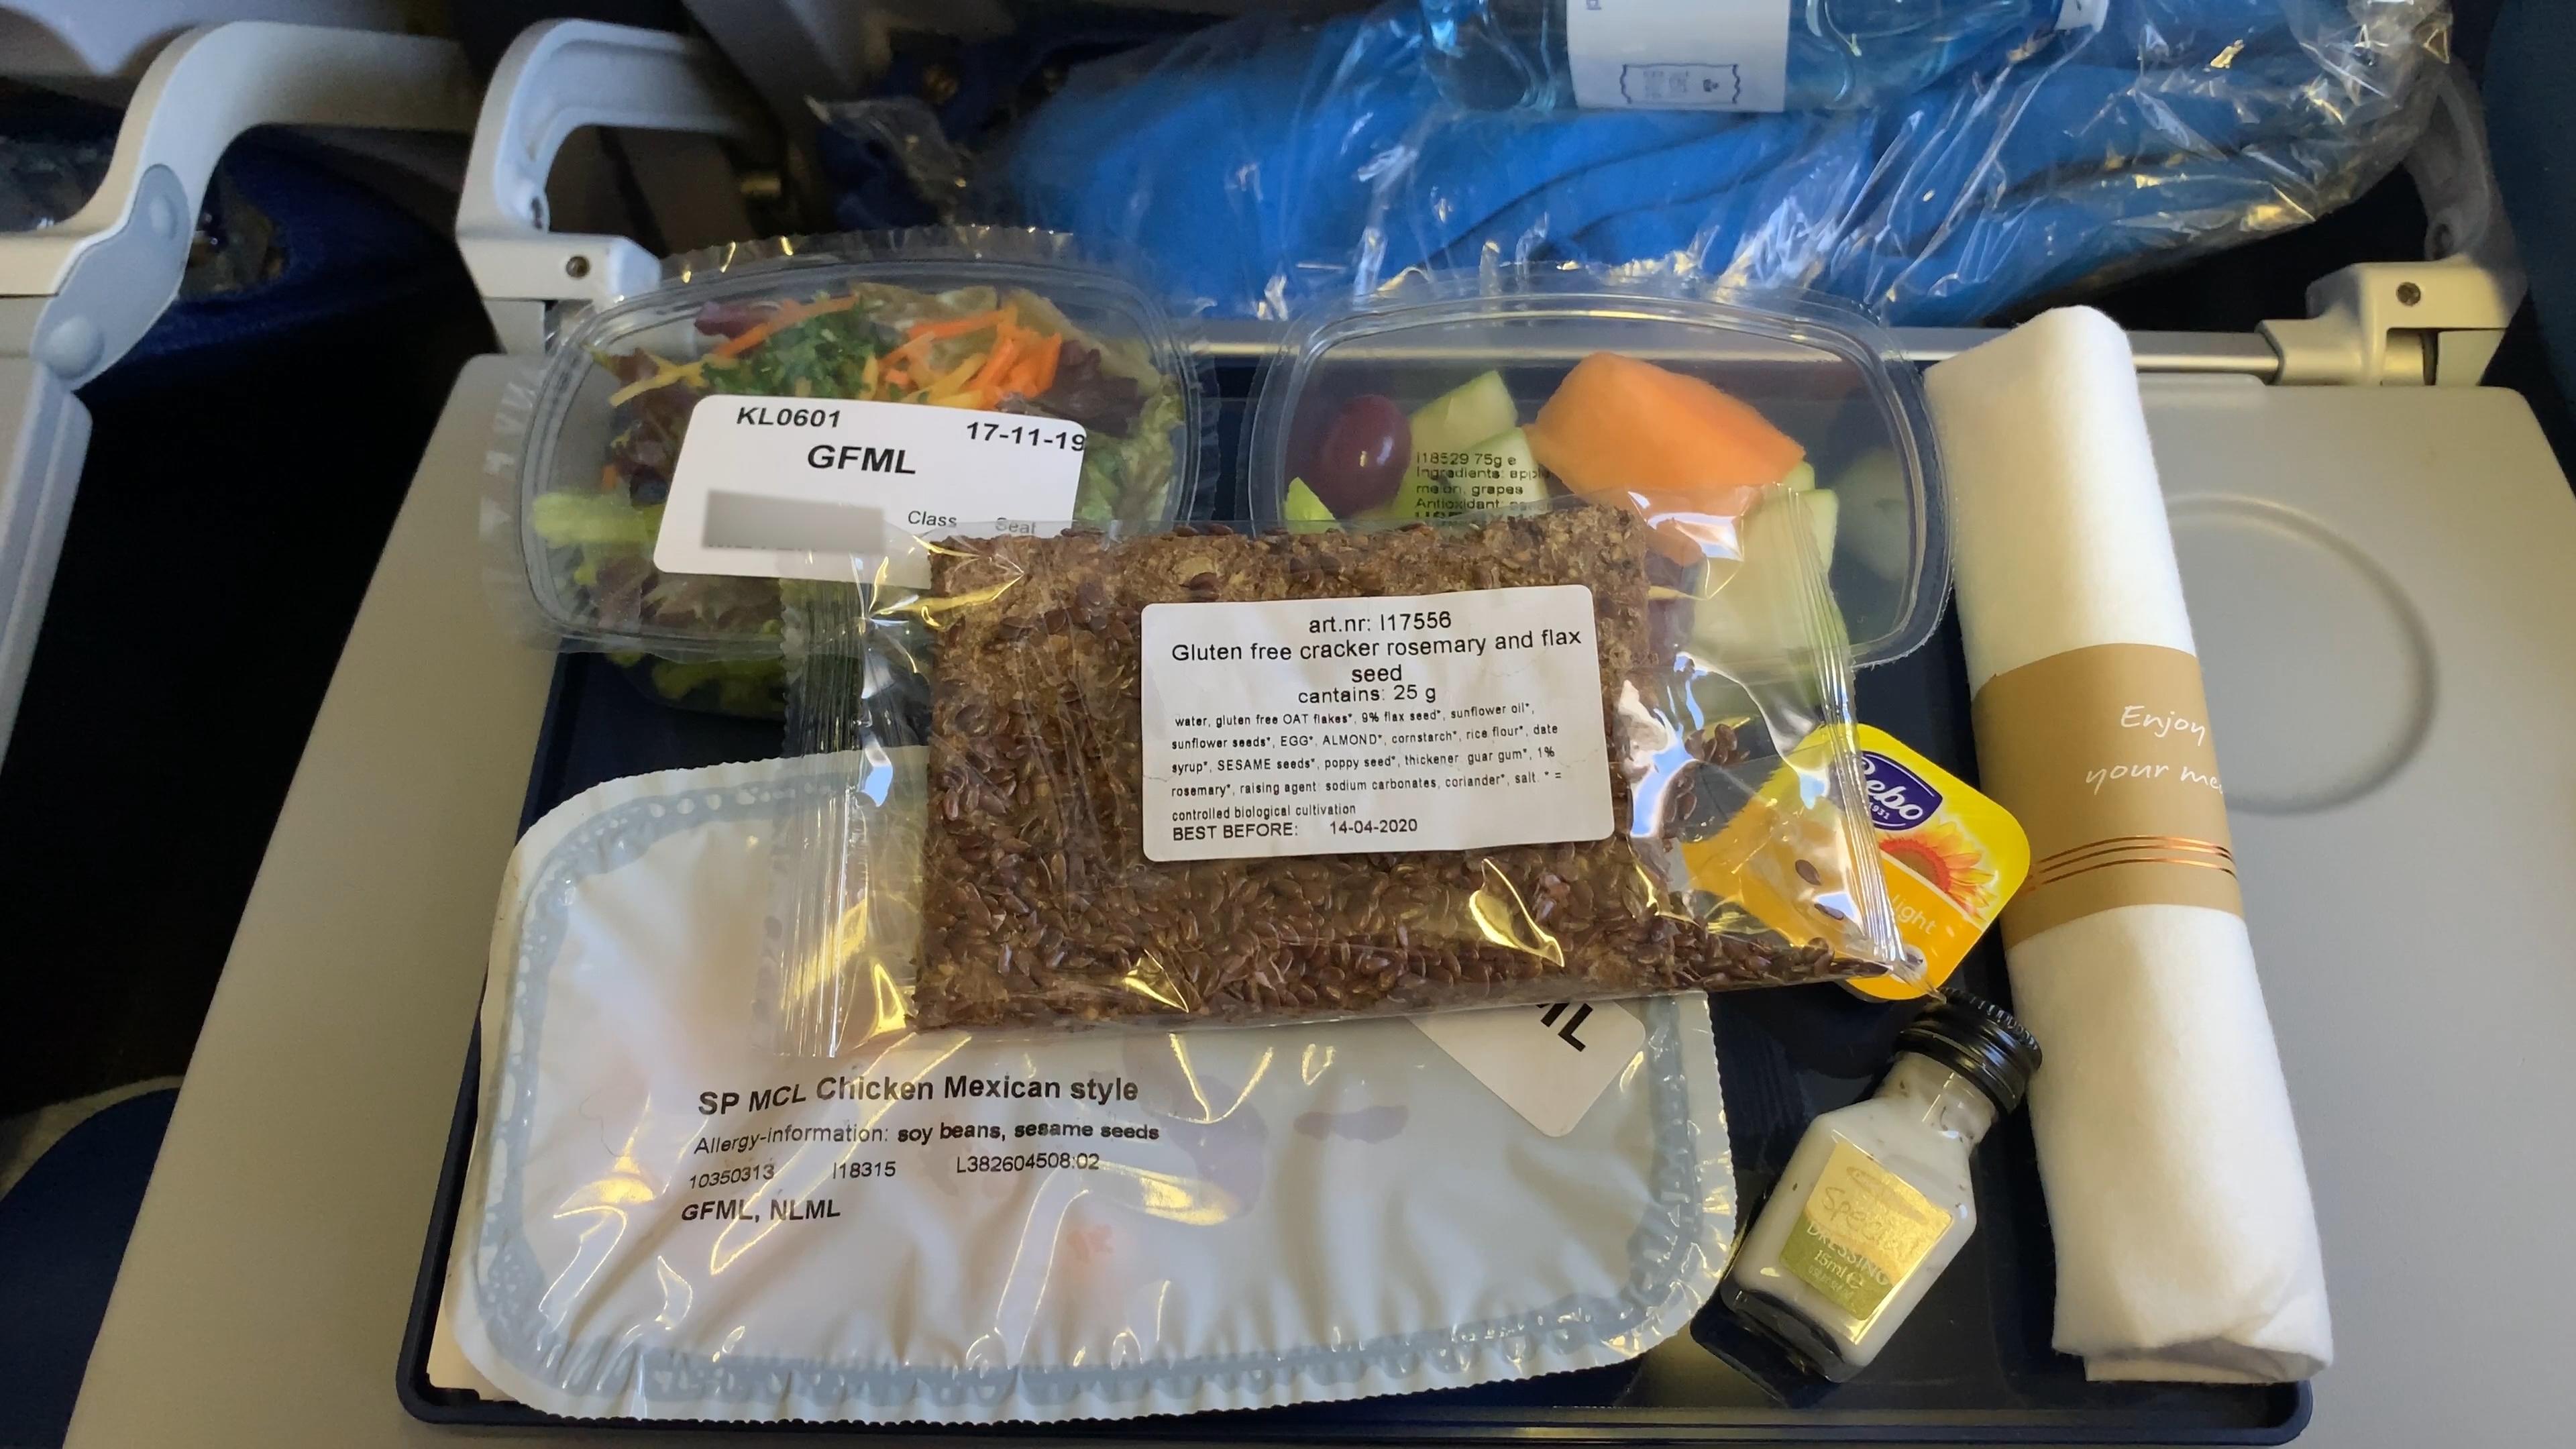 klm gluten free lunch